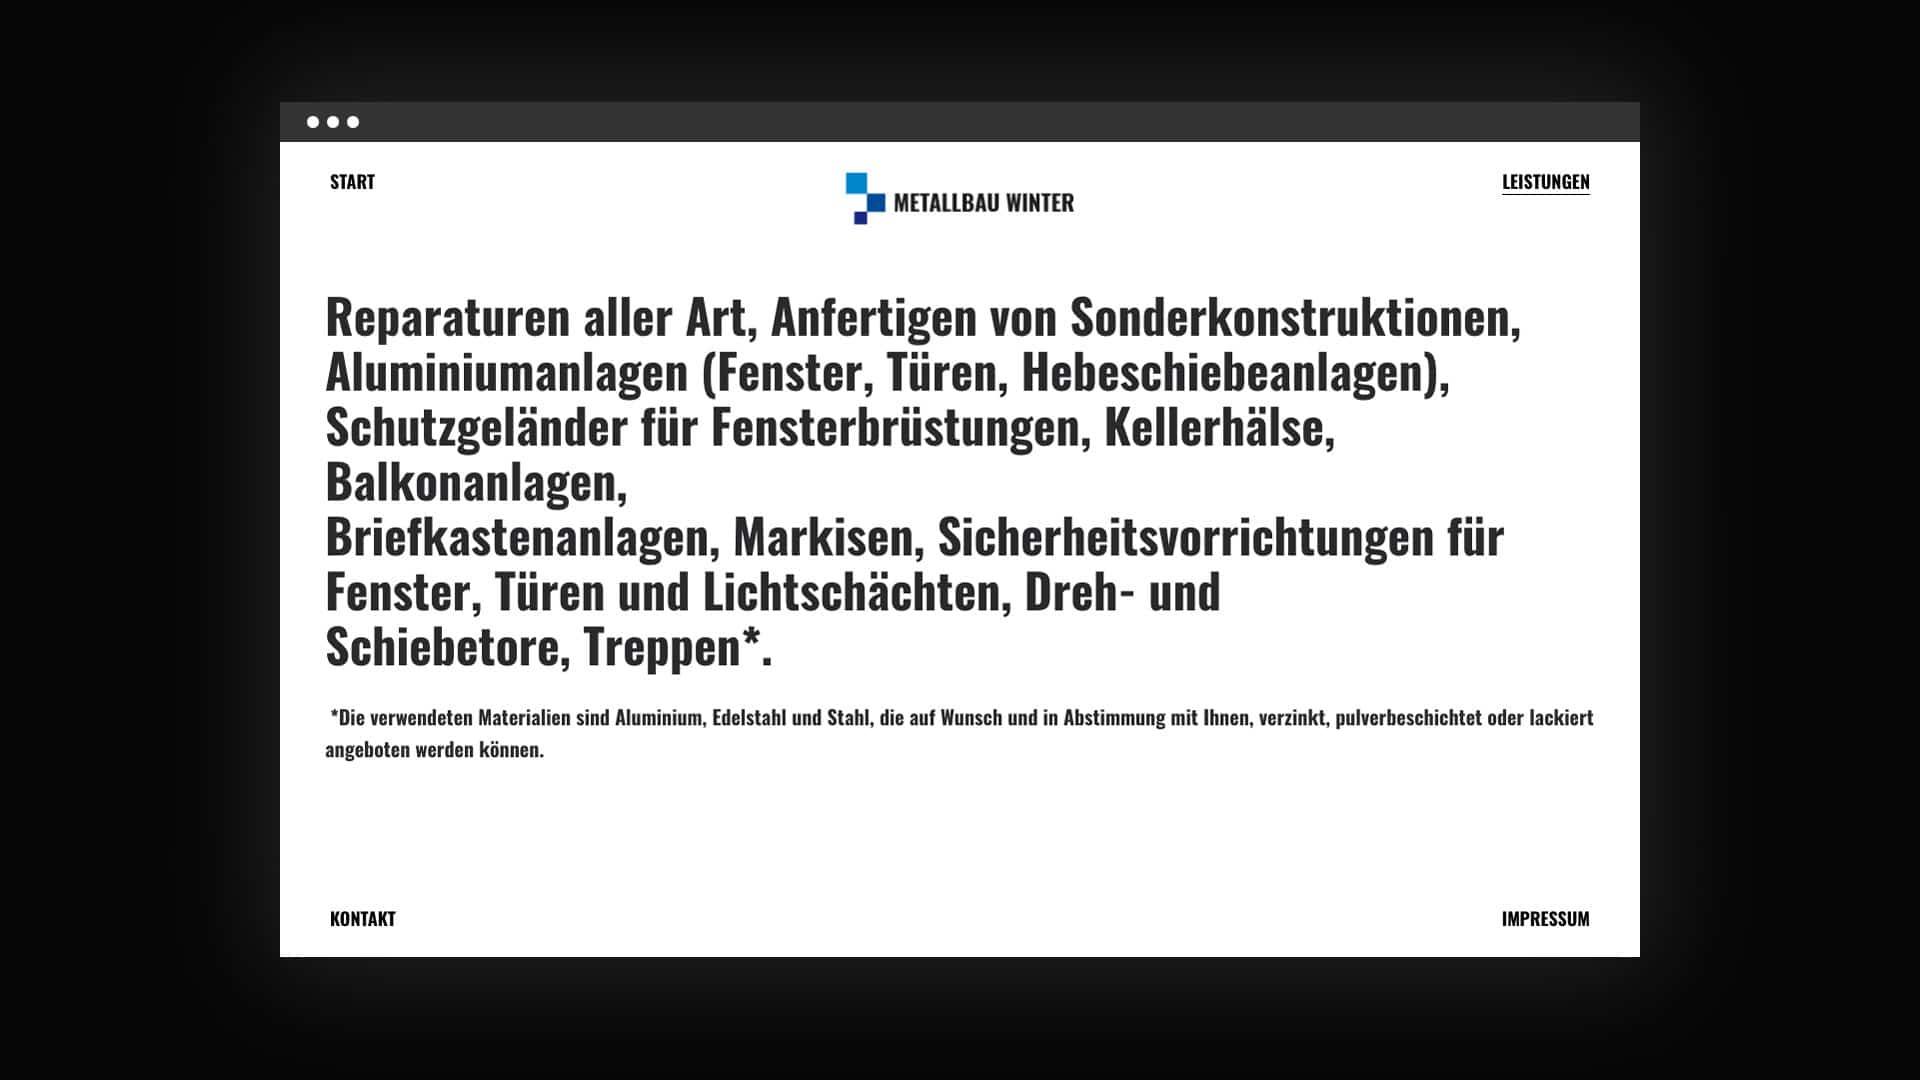 Responsive Webdesign für Dirk Winter aus Münster